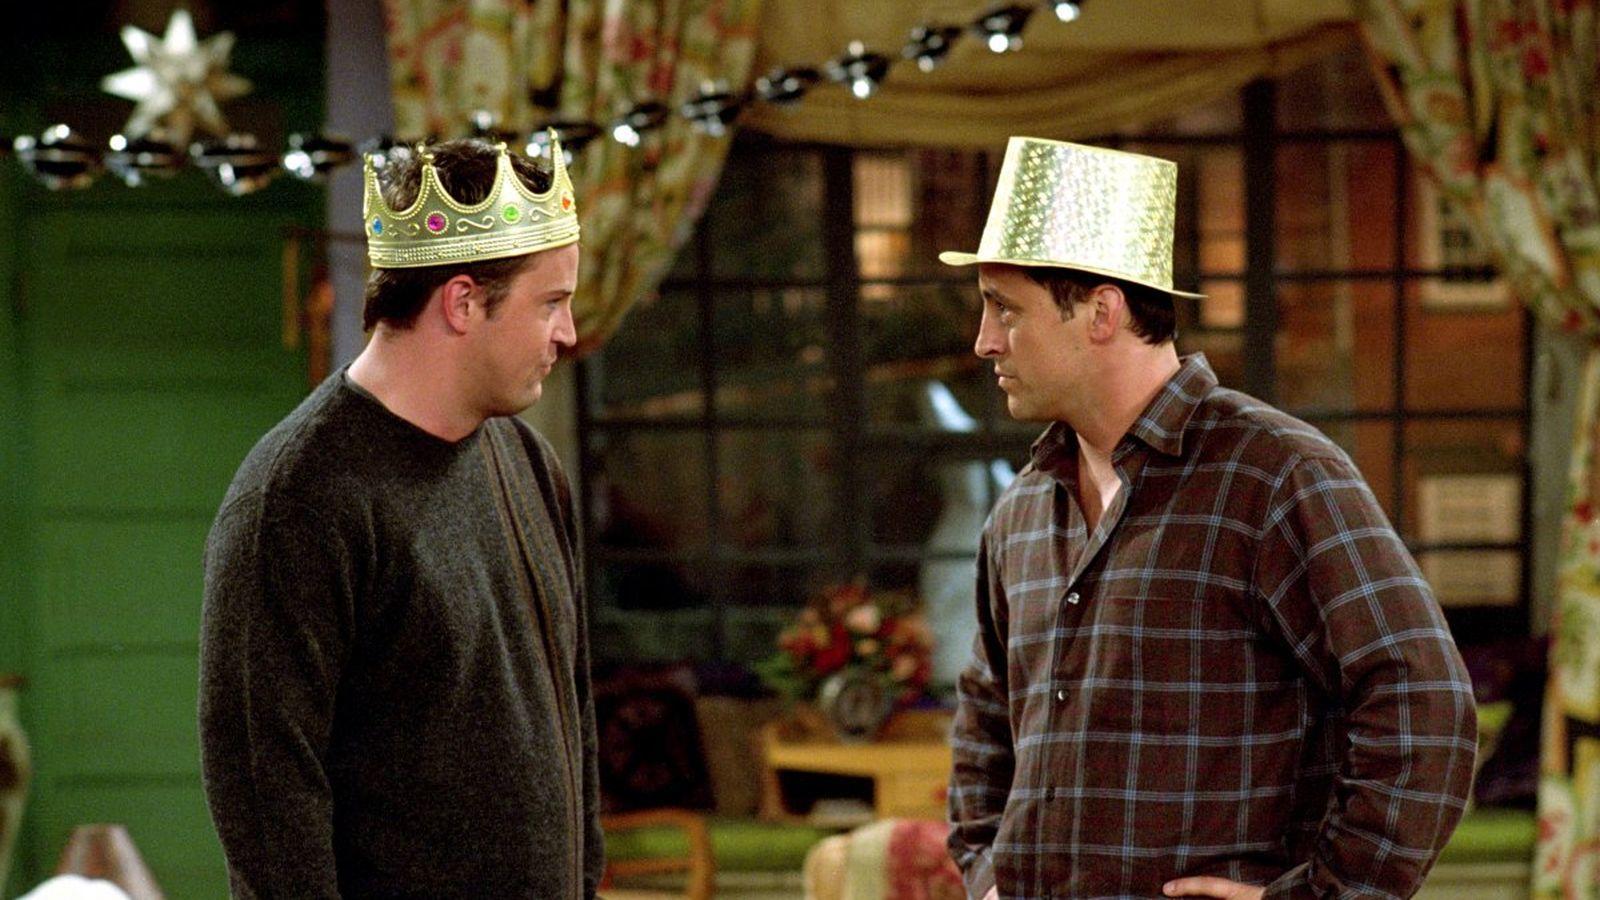 A 7. évadban Chandlernek problémája van a borravalózással, olyannyira, hogy még Monicát is megkérdezi, hogy ez Richardnak valaha gondot okozott-e. Ennek nincs értelme, mivel...